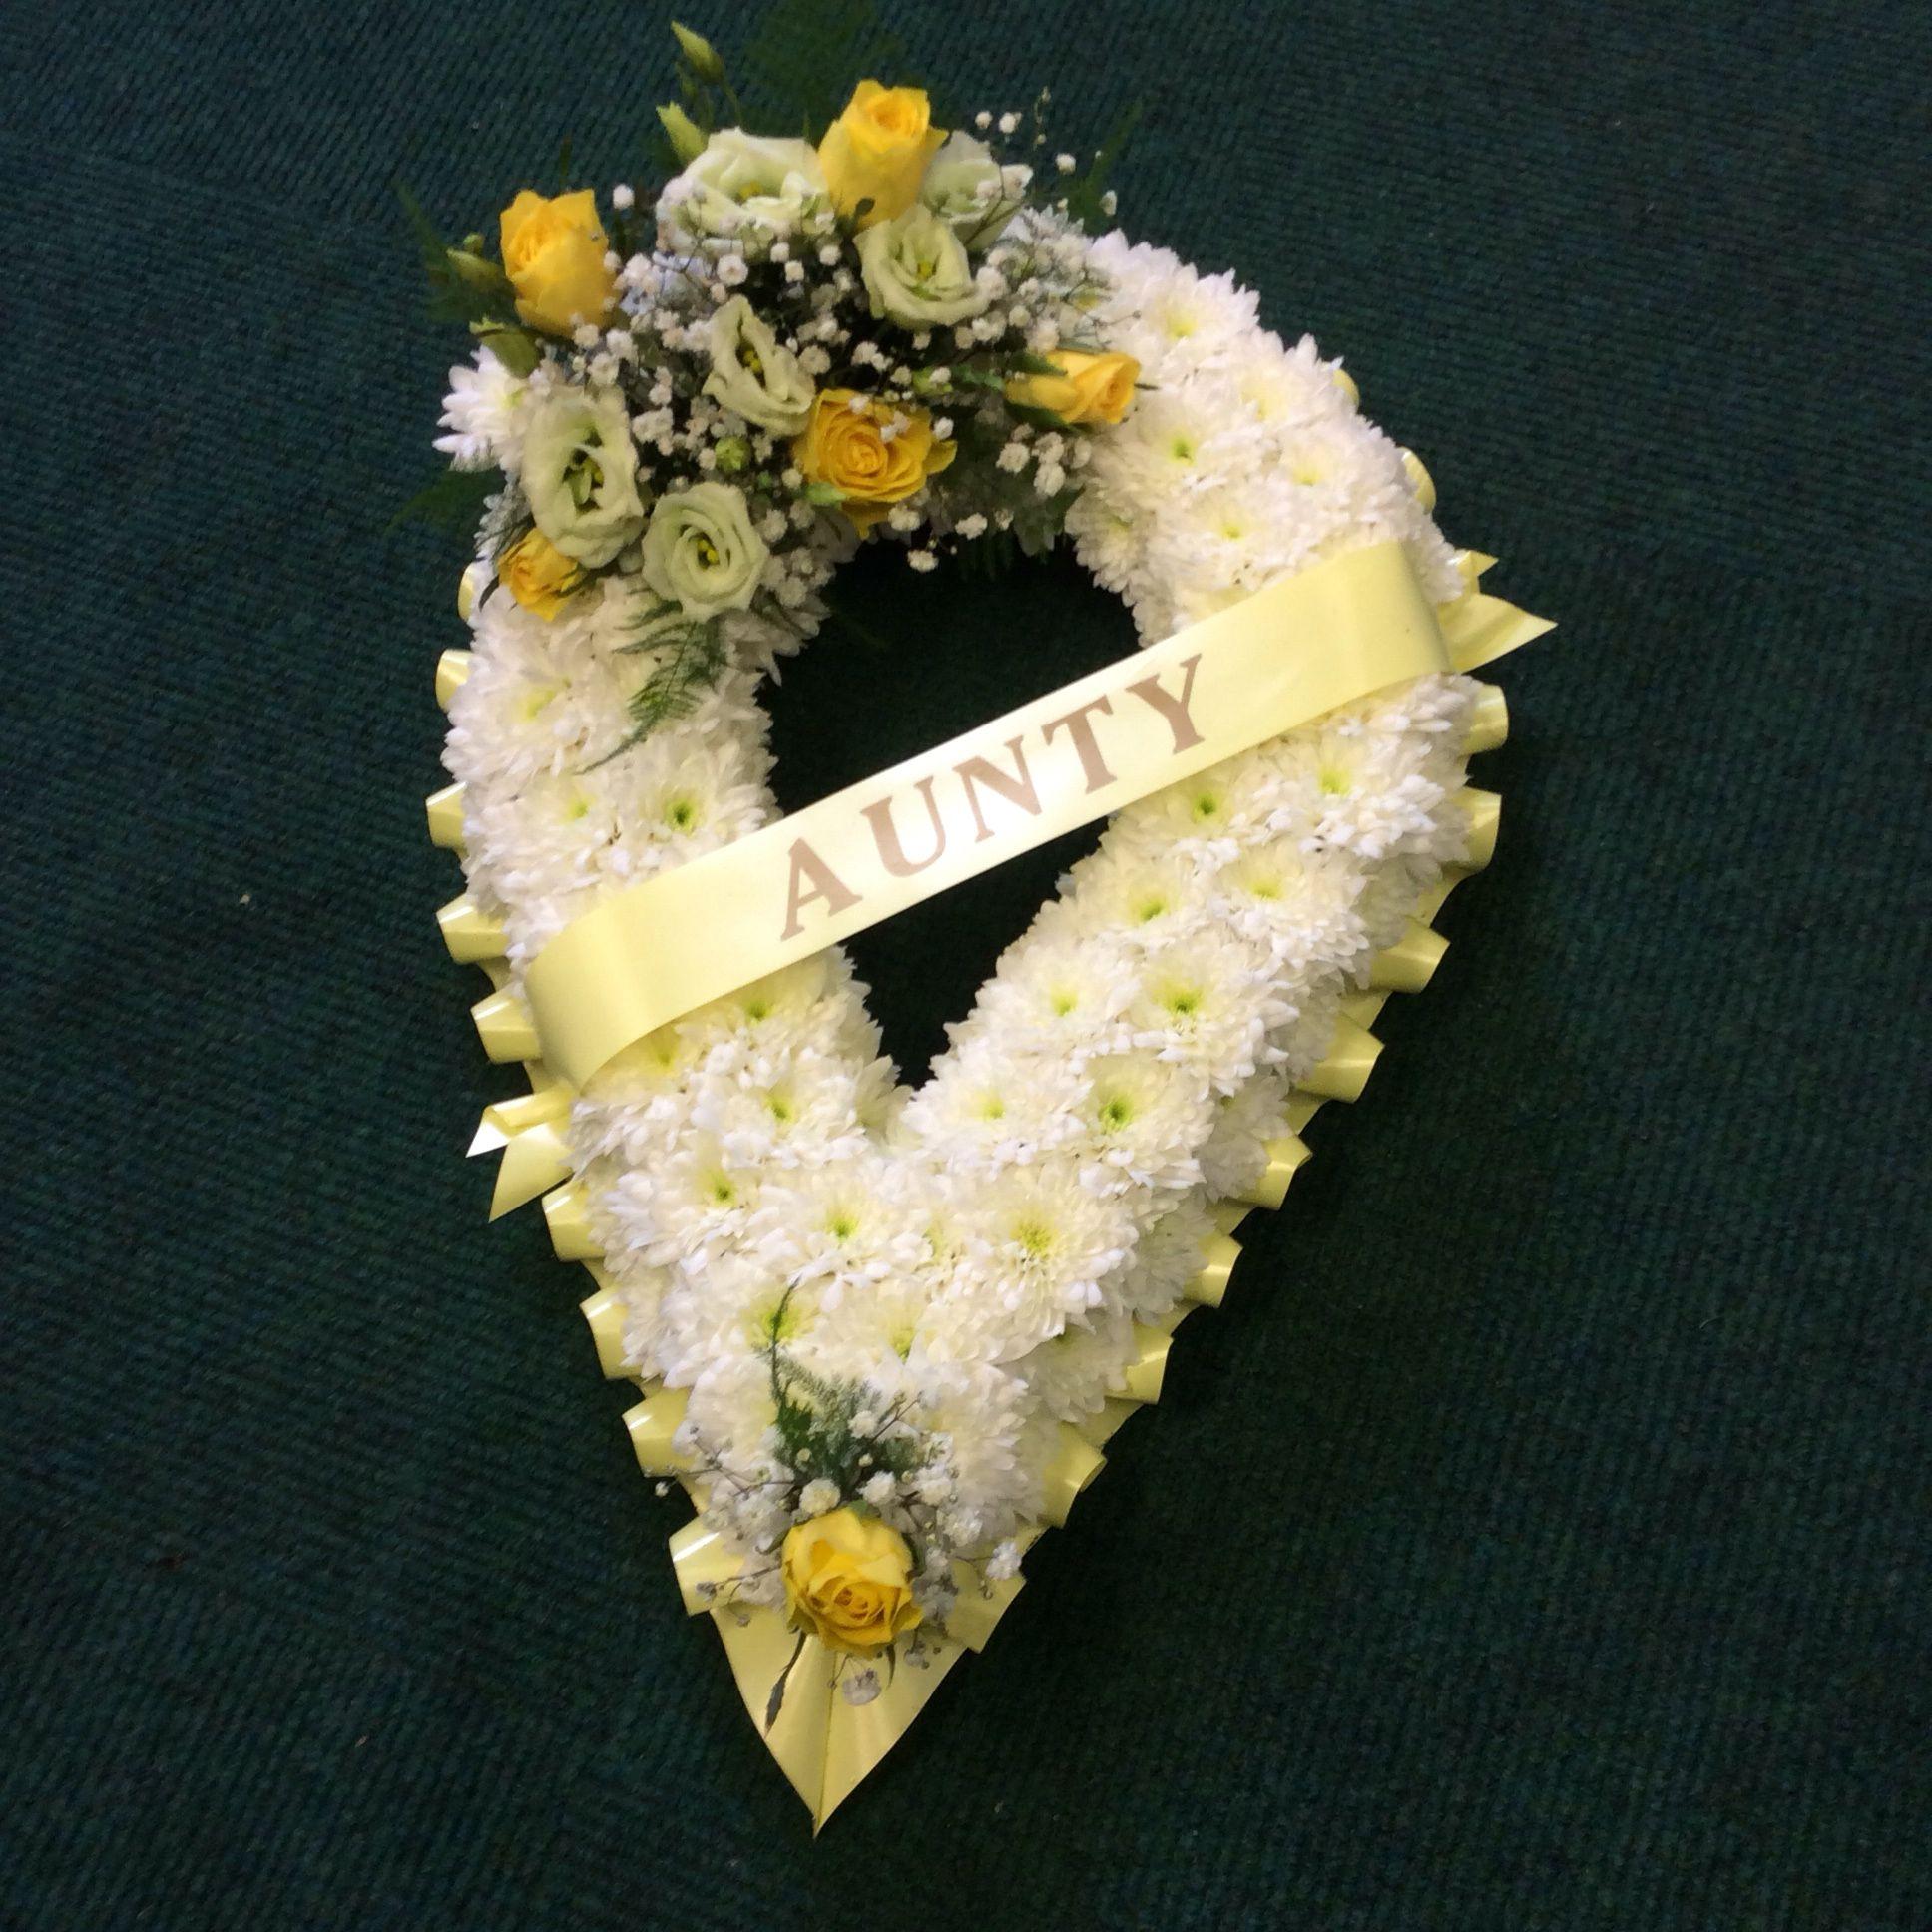 Teardrop Funeral Flowers By Jaks Flowering Fancies High Street